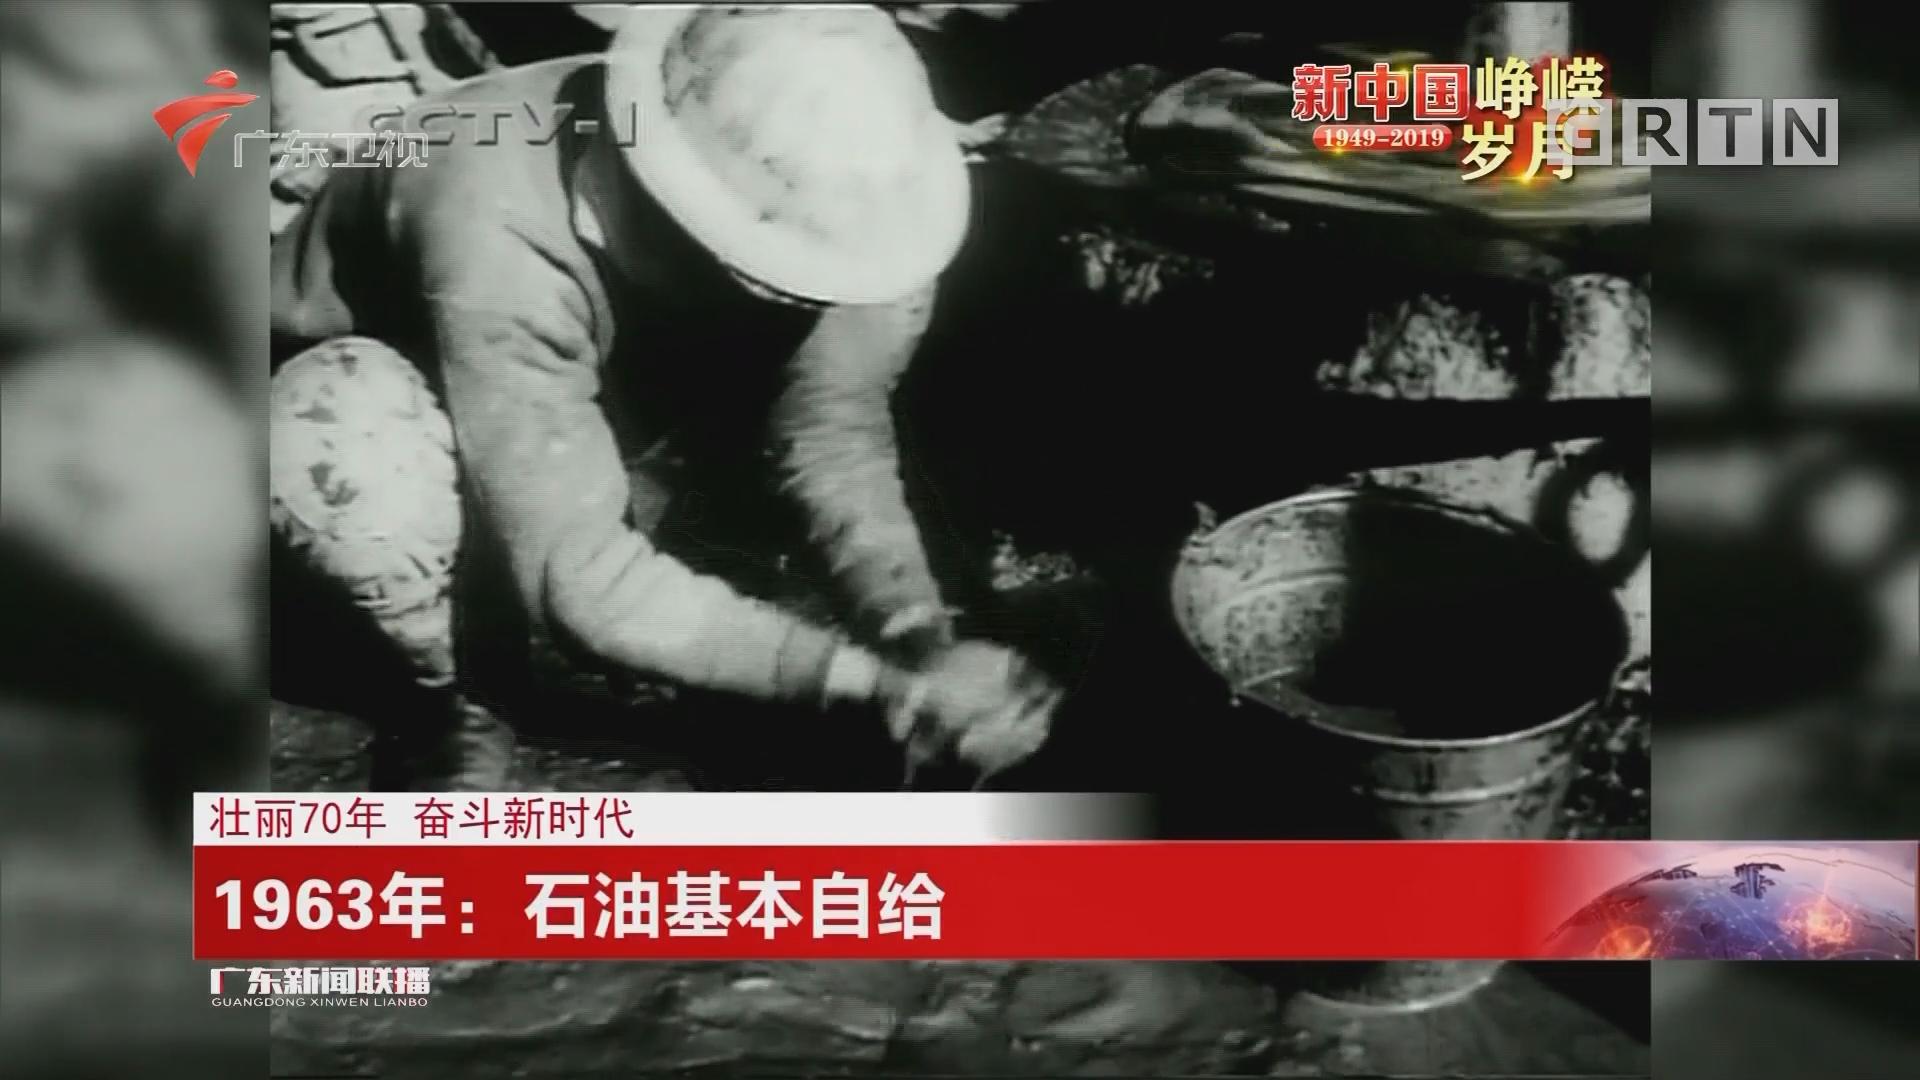 1963年:石油基本自给